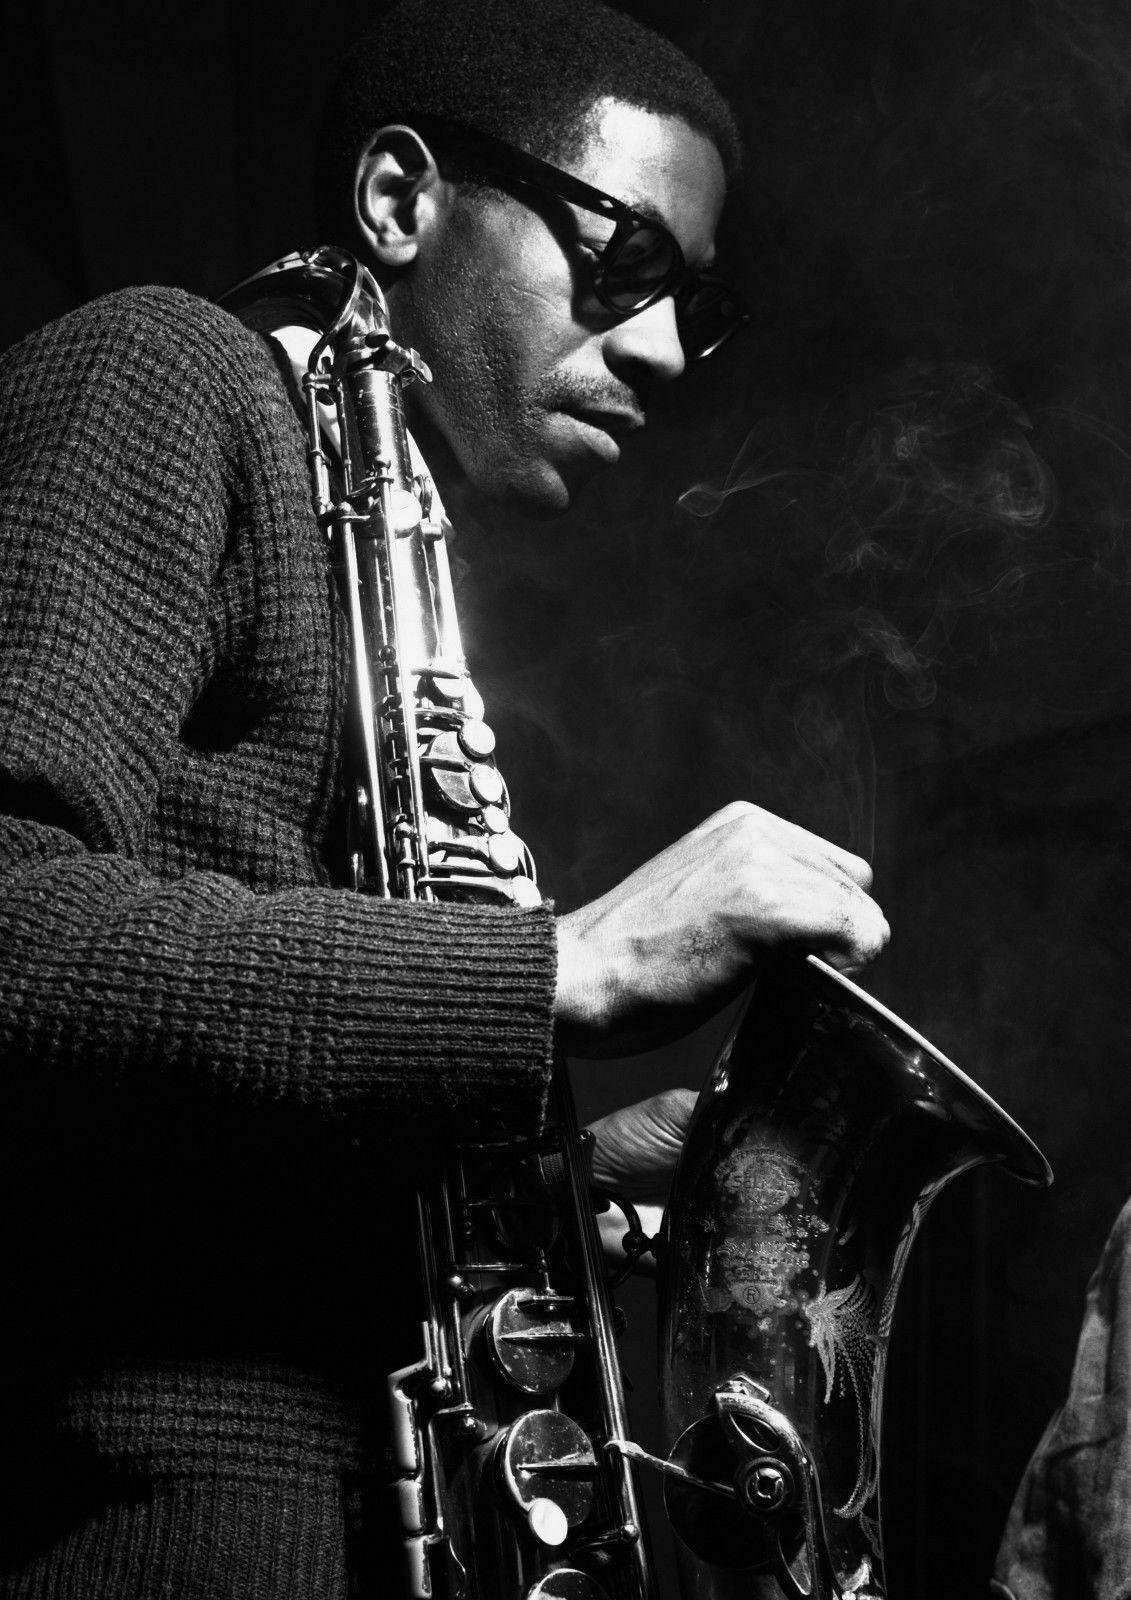 Details about Art print poster / canvas Saxophonist Joe